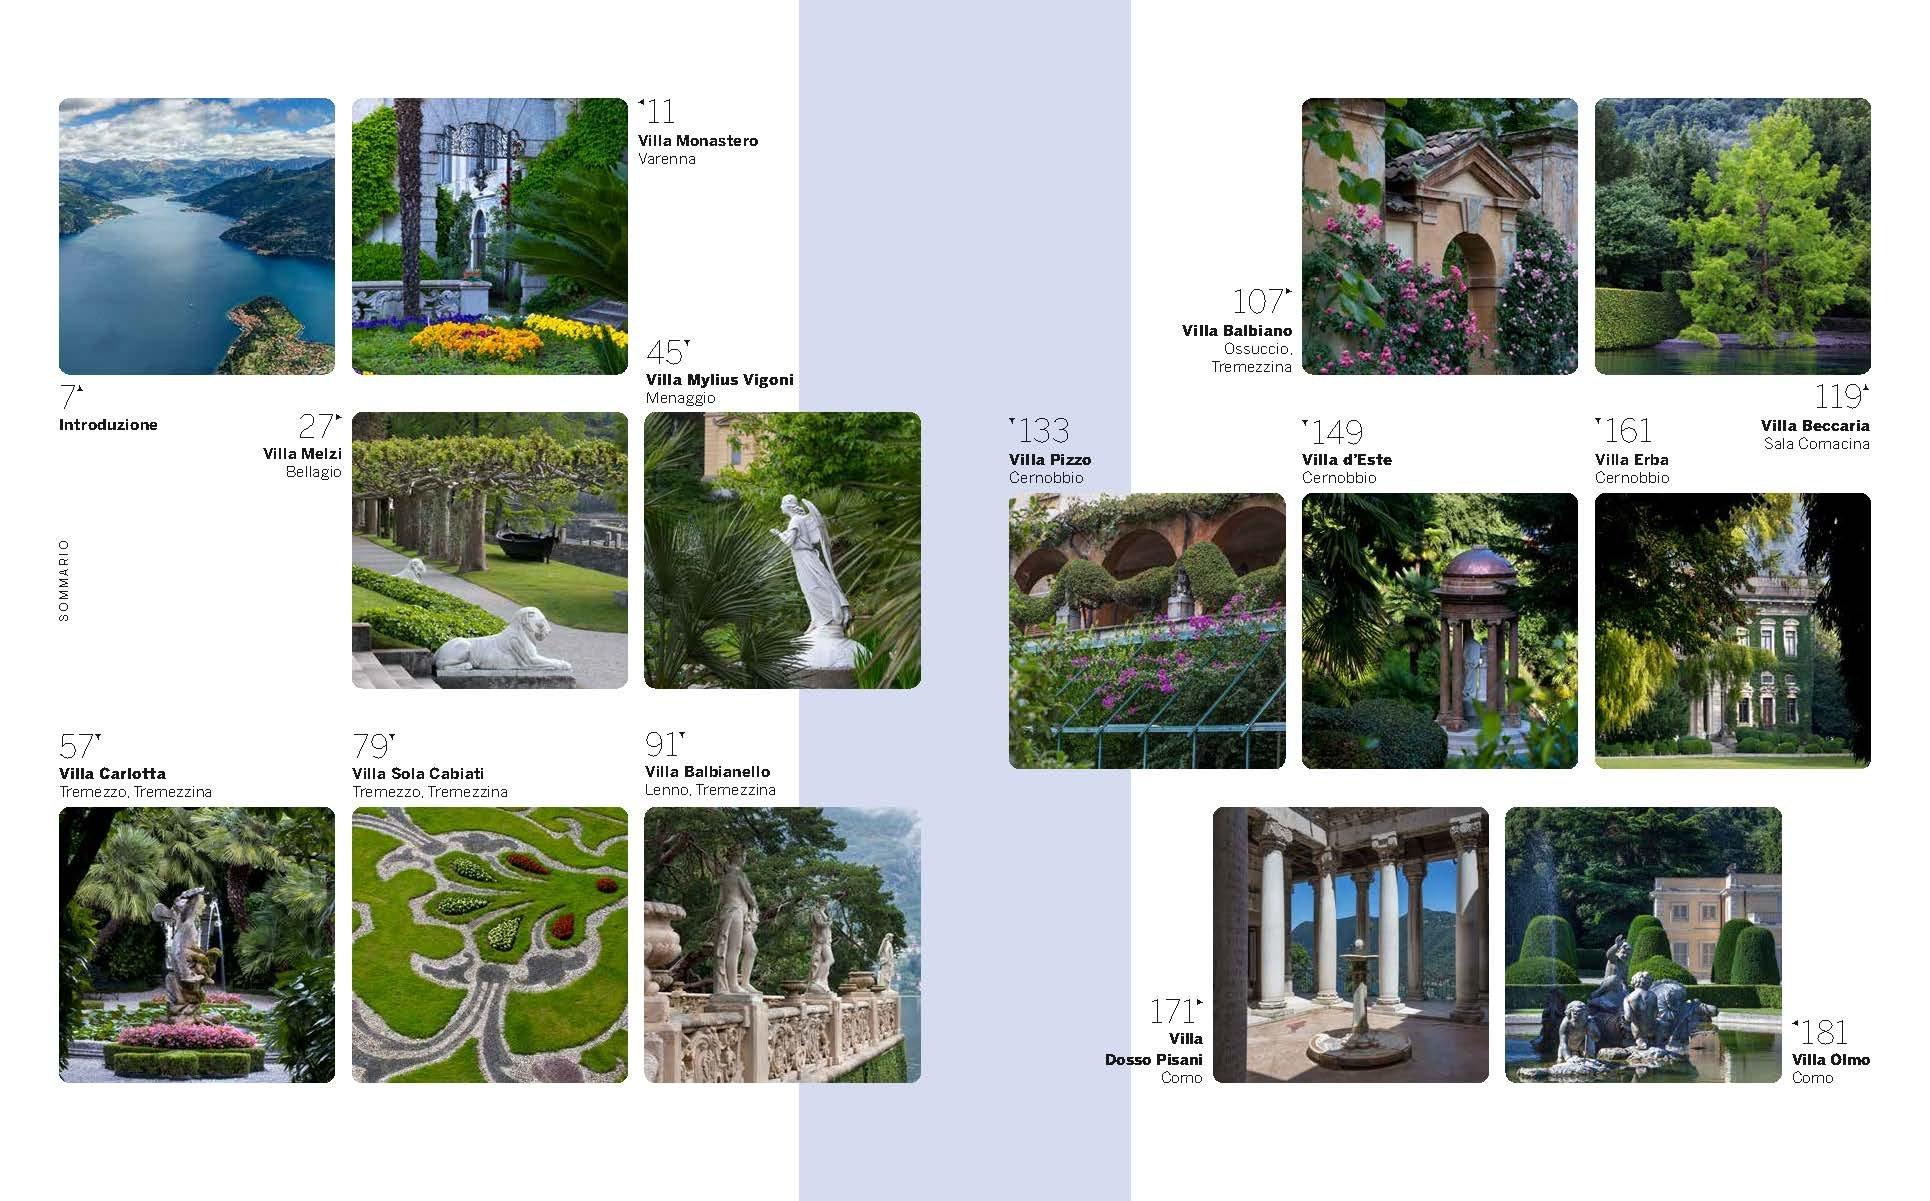 ea9e0978f3 Amazon.it: I giardini del lago di Como. Ediz. illustrata - Lucia Impelluso,  Dario Fusaro - Libri